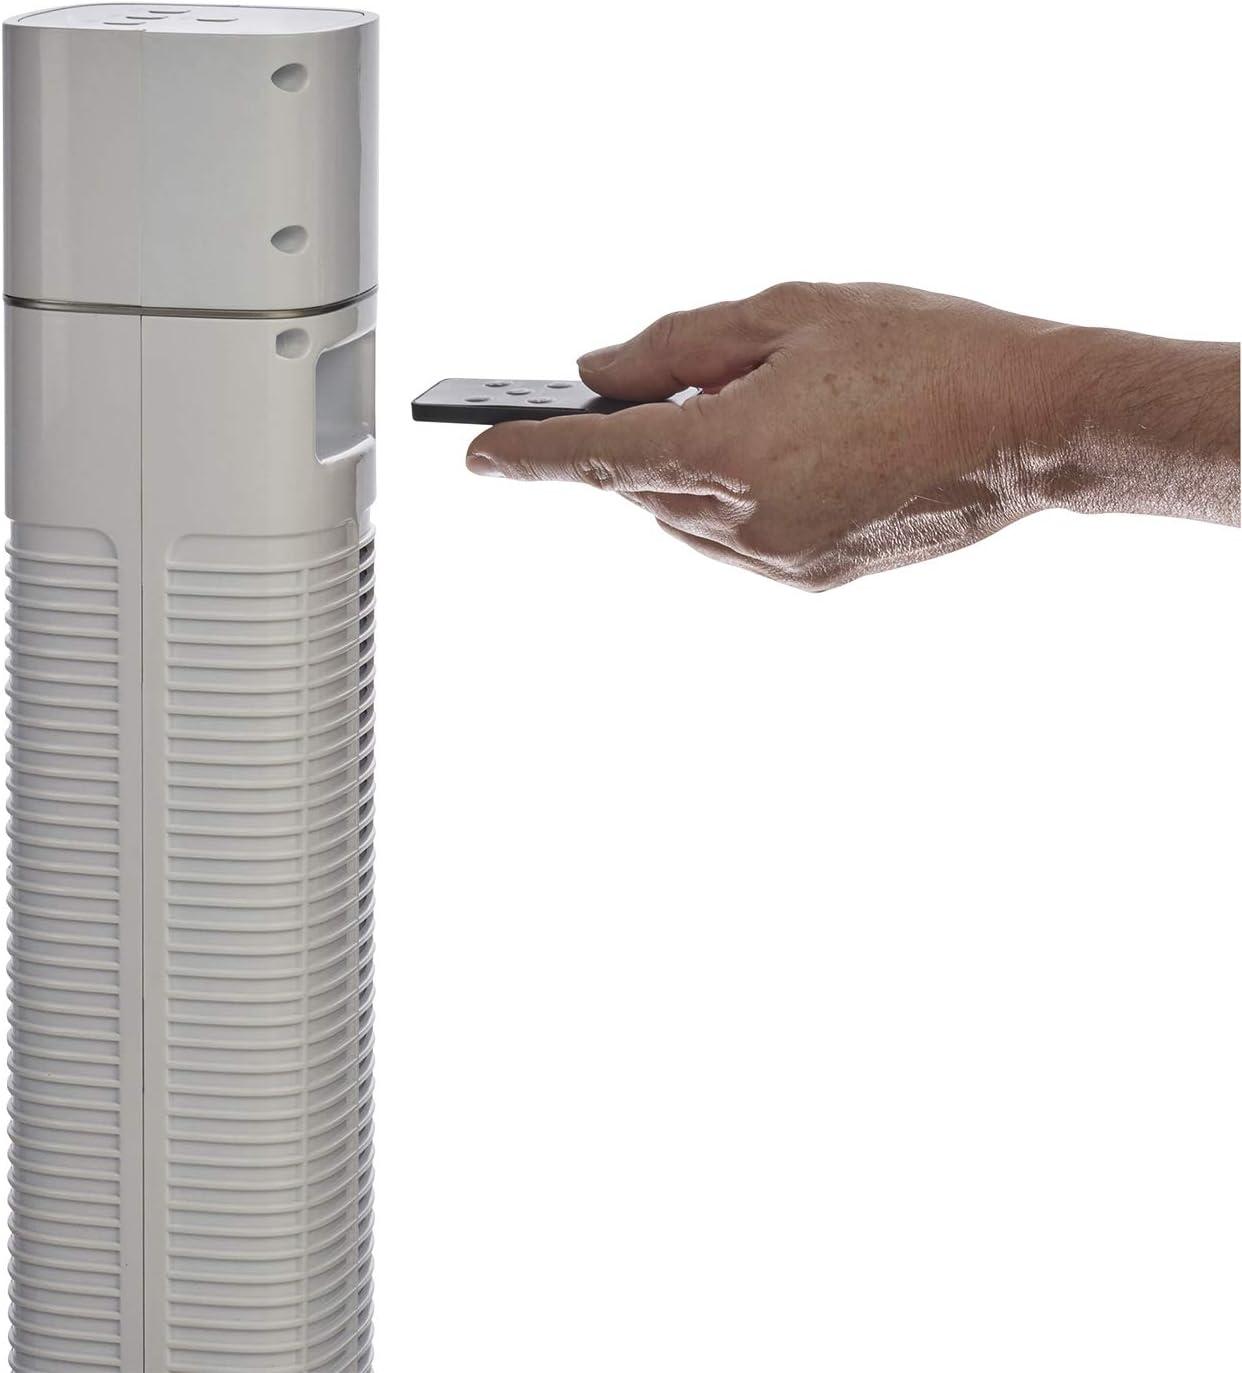 Ionizzatore Oscillazione Destra Sinistra Ventilatore a Colonna con Selettore 3 Velocit/à 60W Ventilatore con Telecomando Bimar VC119 Ventilatore Colonna Ionizzante con Bluetooth Speaker da 120cm